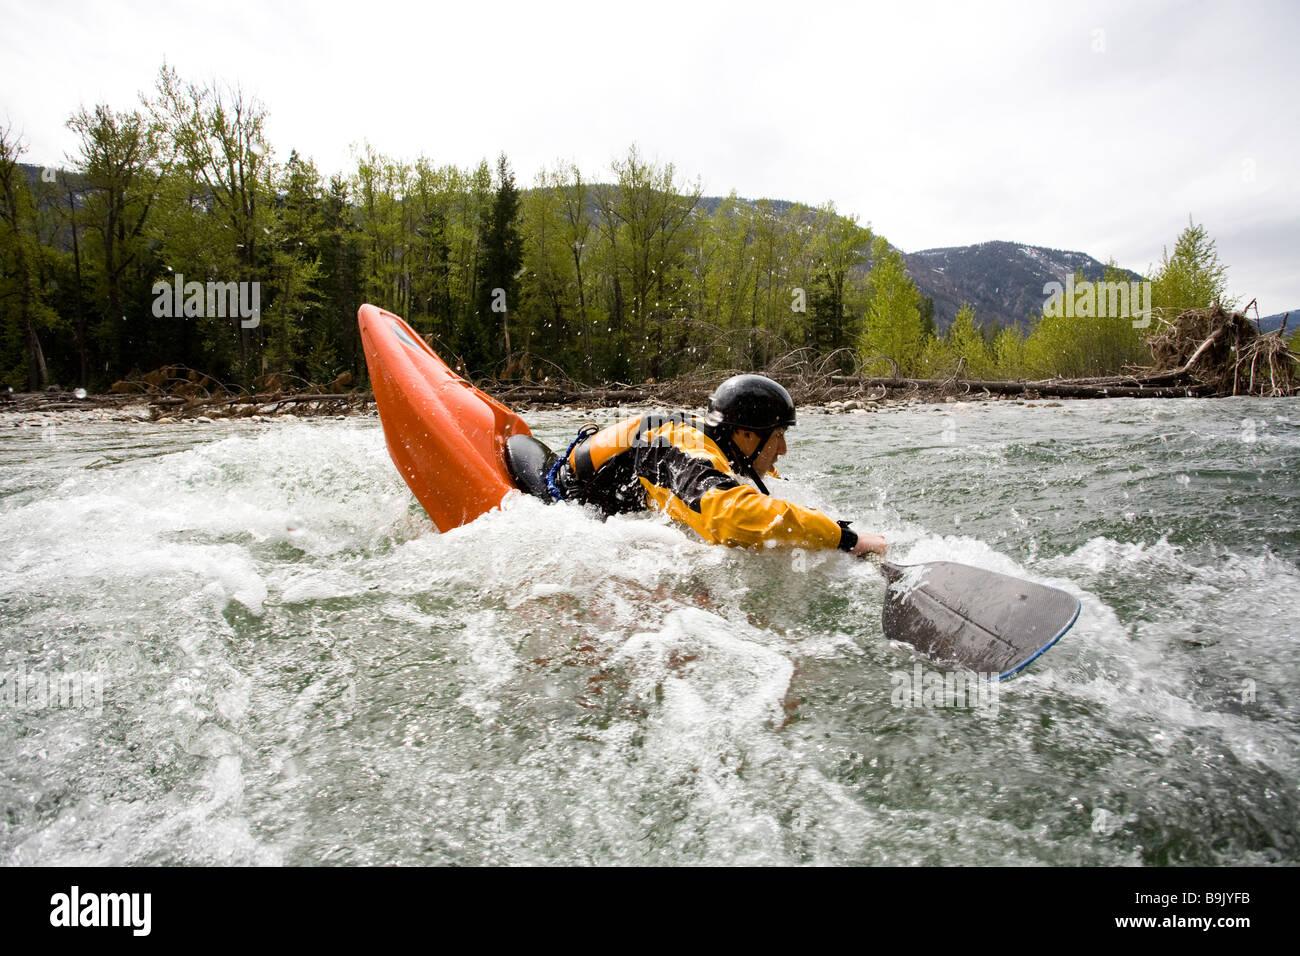 Un playboater gode di una piccola onda sulle rive di un fiume. Immagini Stock